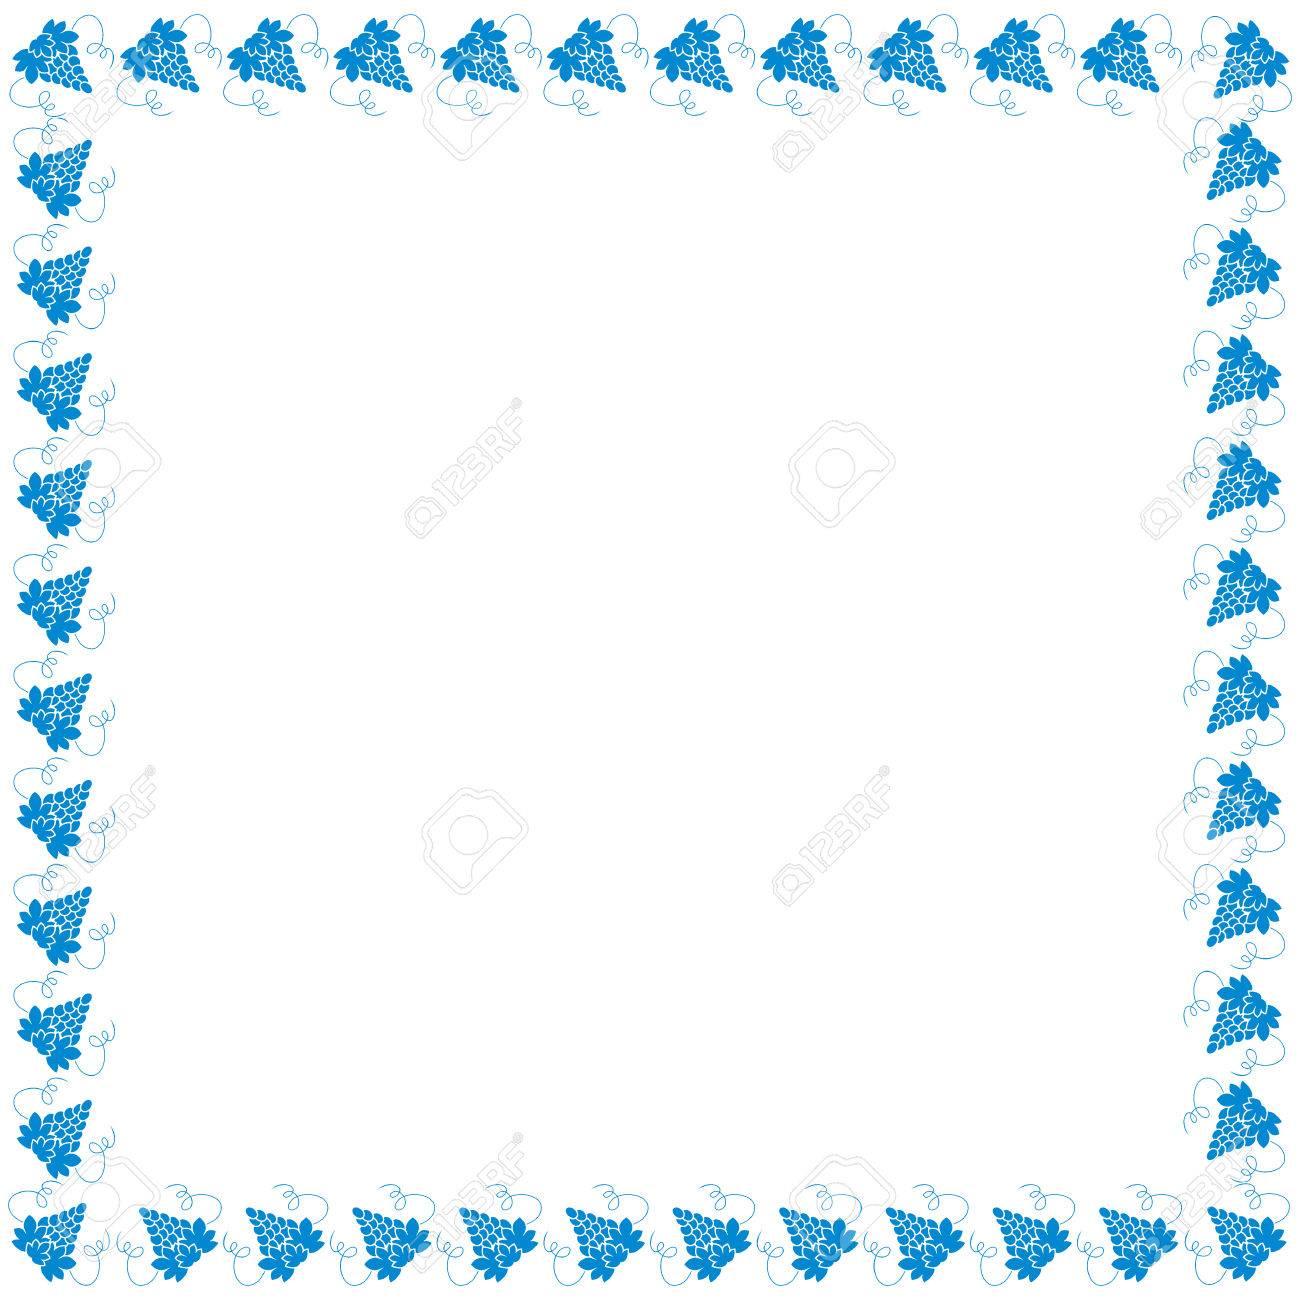 Netter Rahmen Von Farbigen Trauben In Einem Quadrat Auf Weißem ...